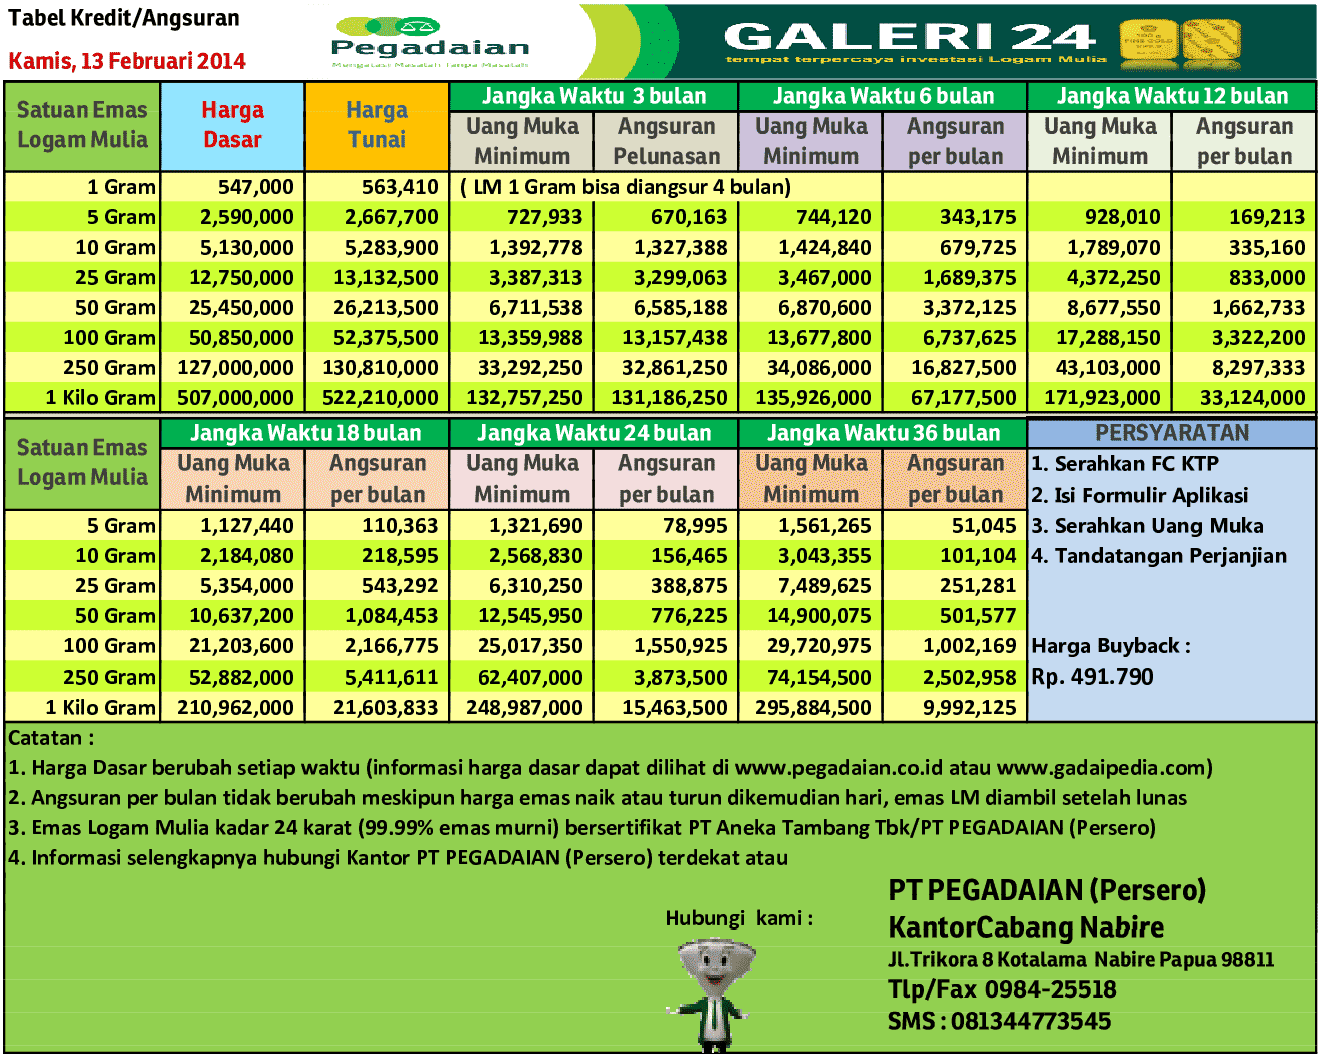 harga emas dan tabel kredit emas pegadaian 13 februari 2014